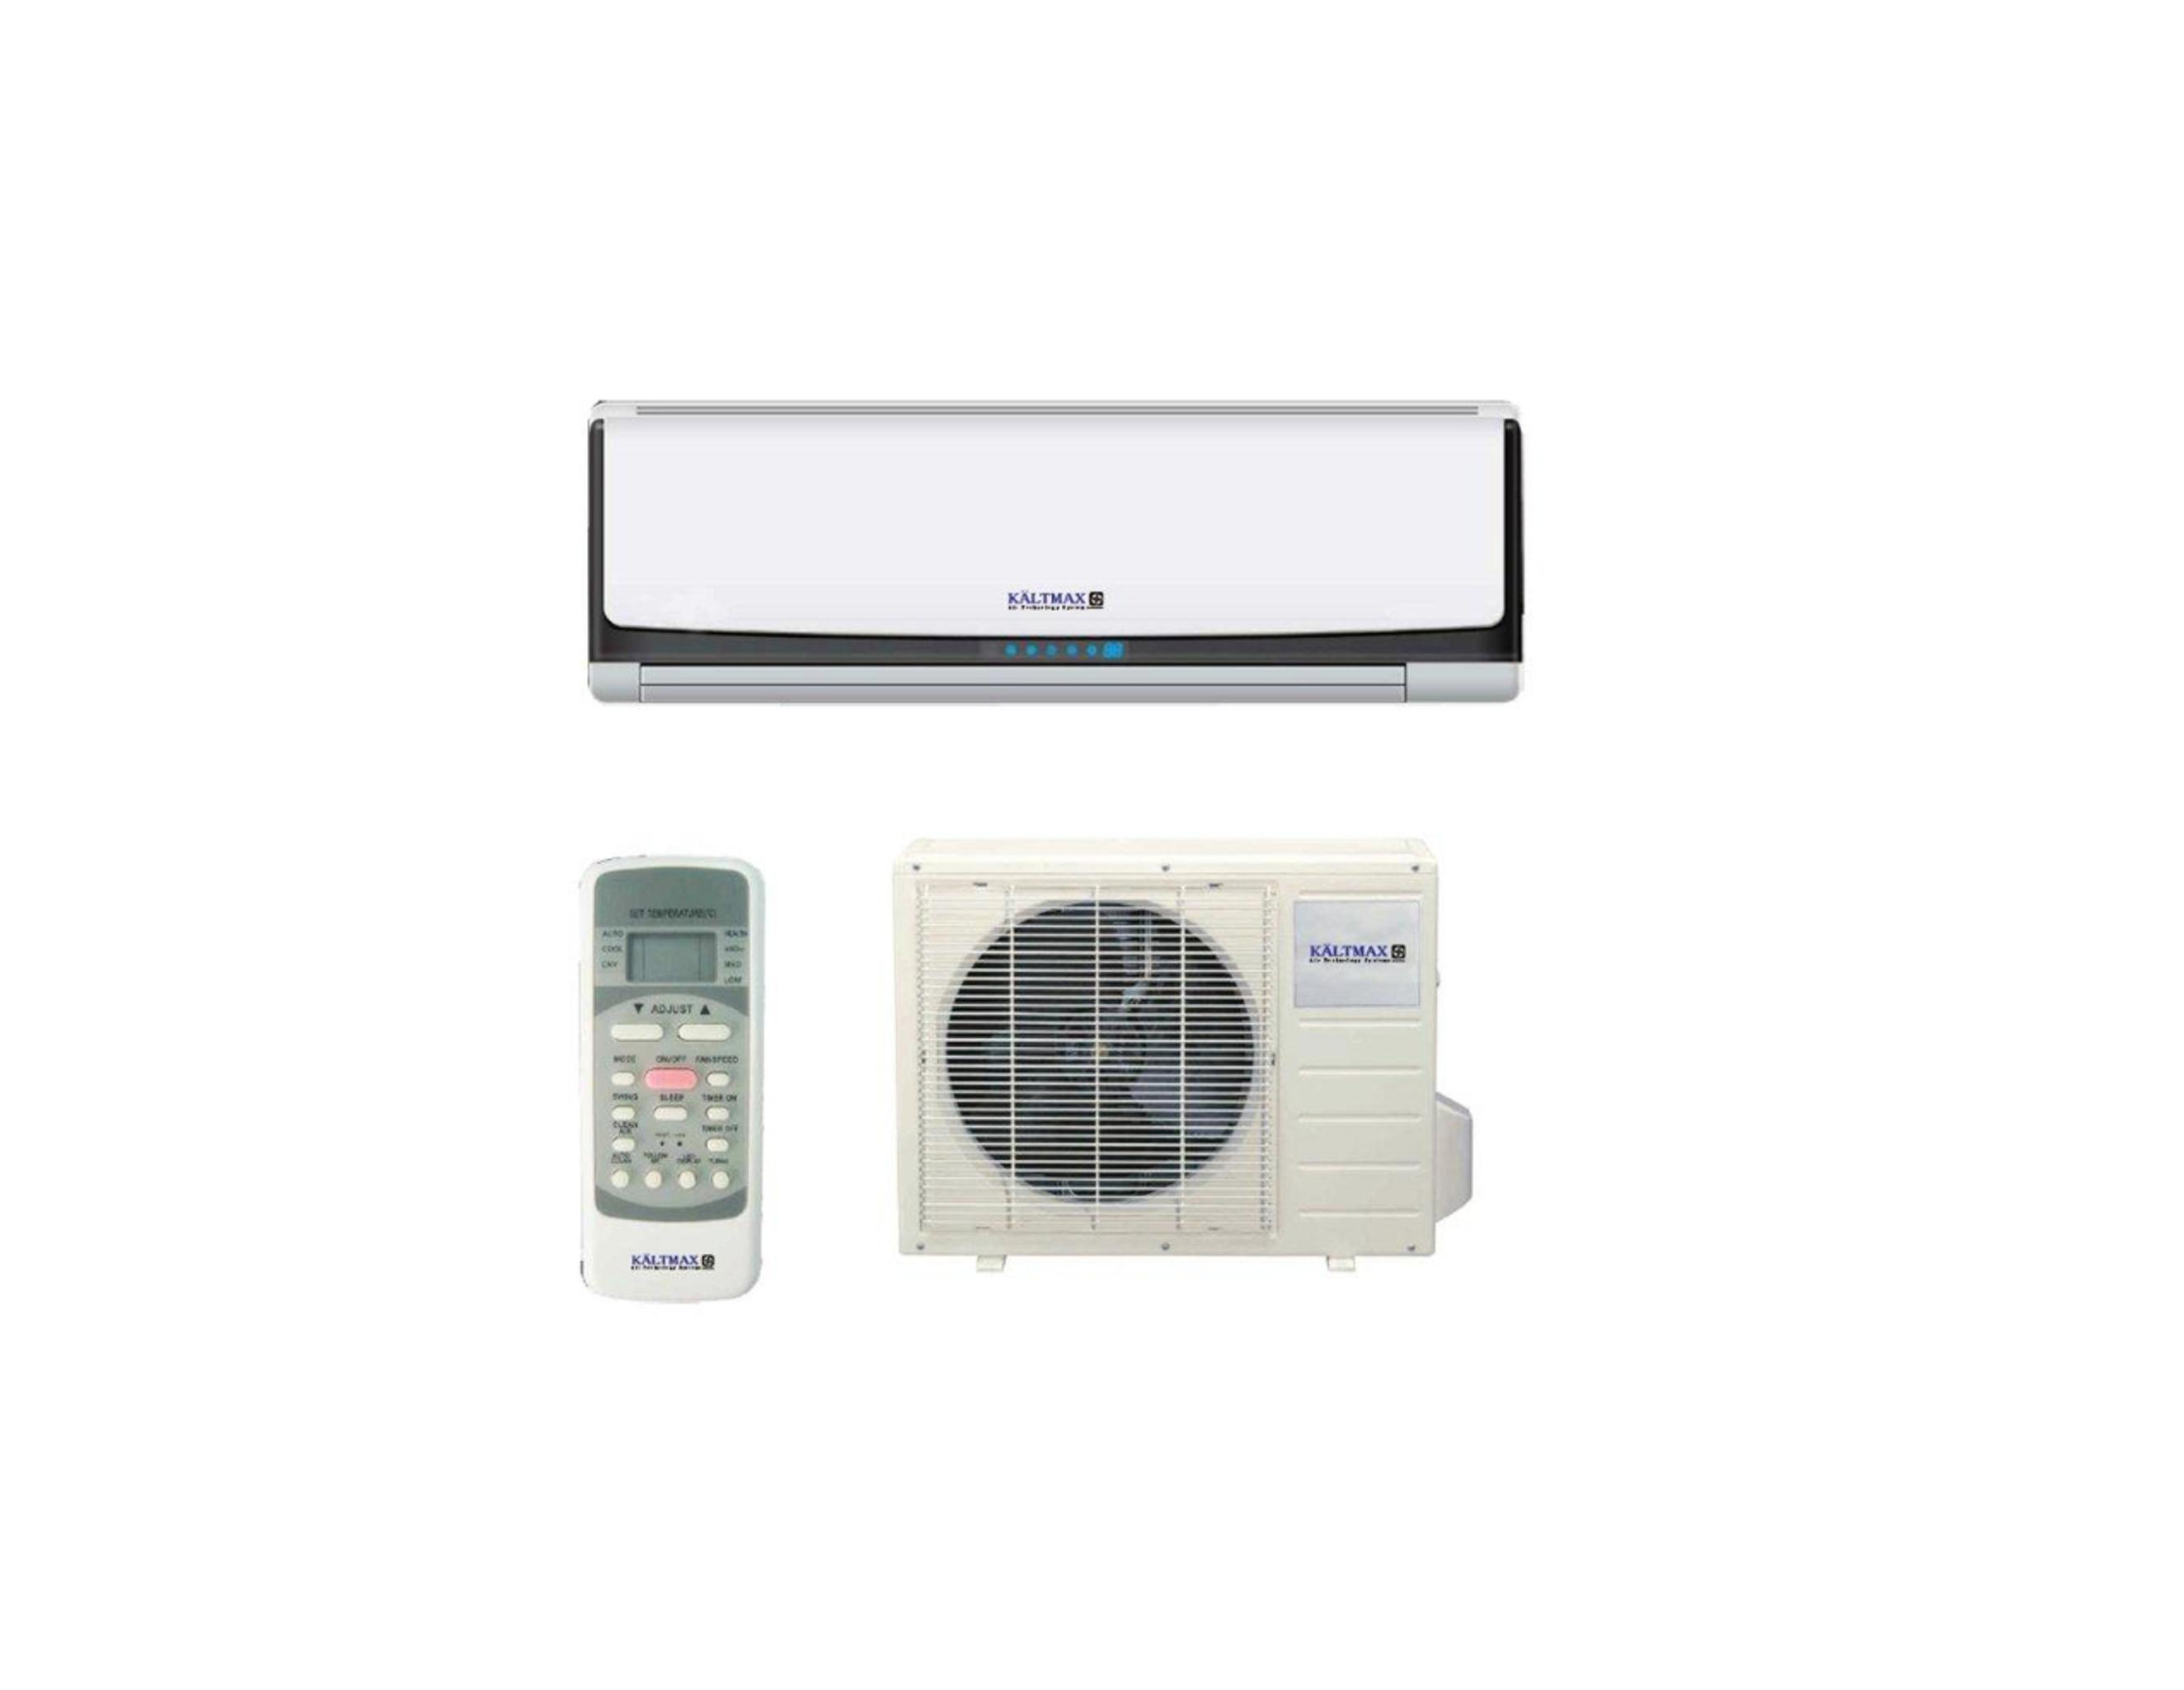 Tcl energy 15 000 btu 28 images lg 15 000 btu energy for 18000 btu window air conditioner lowes